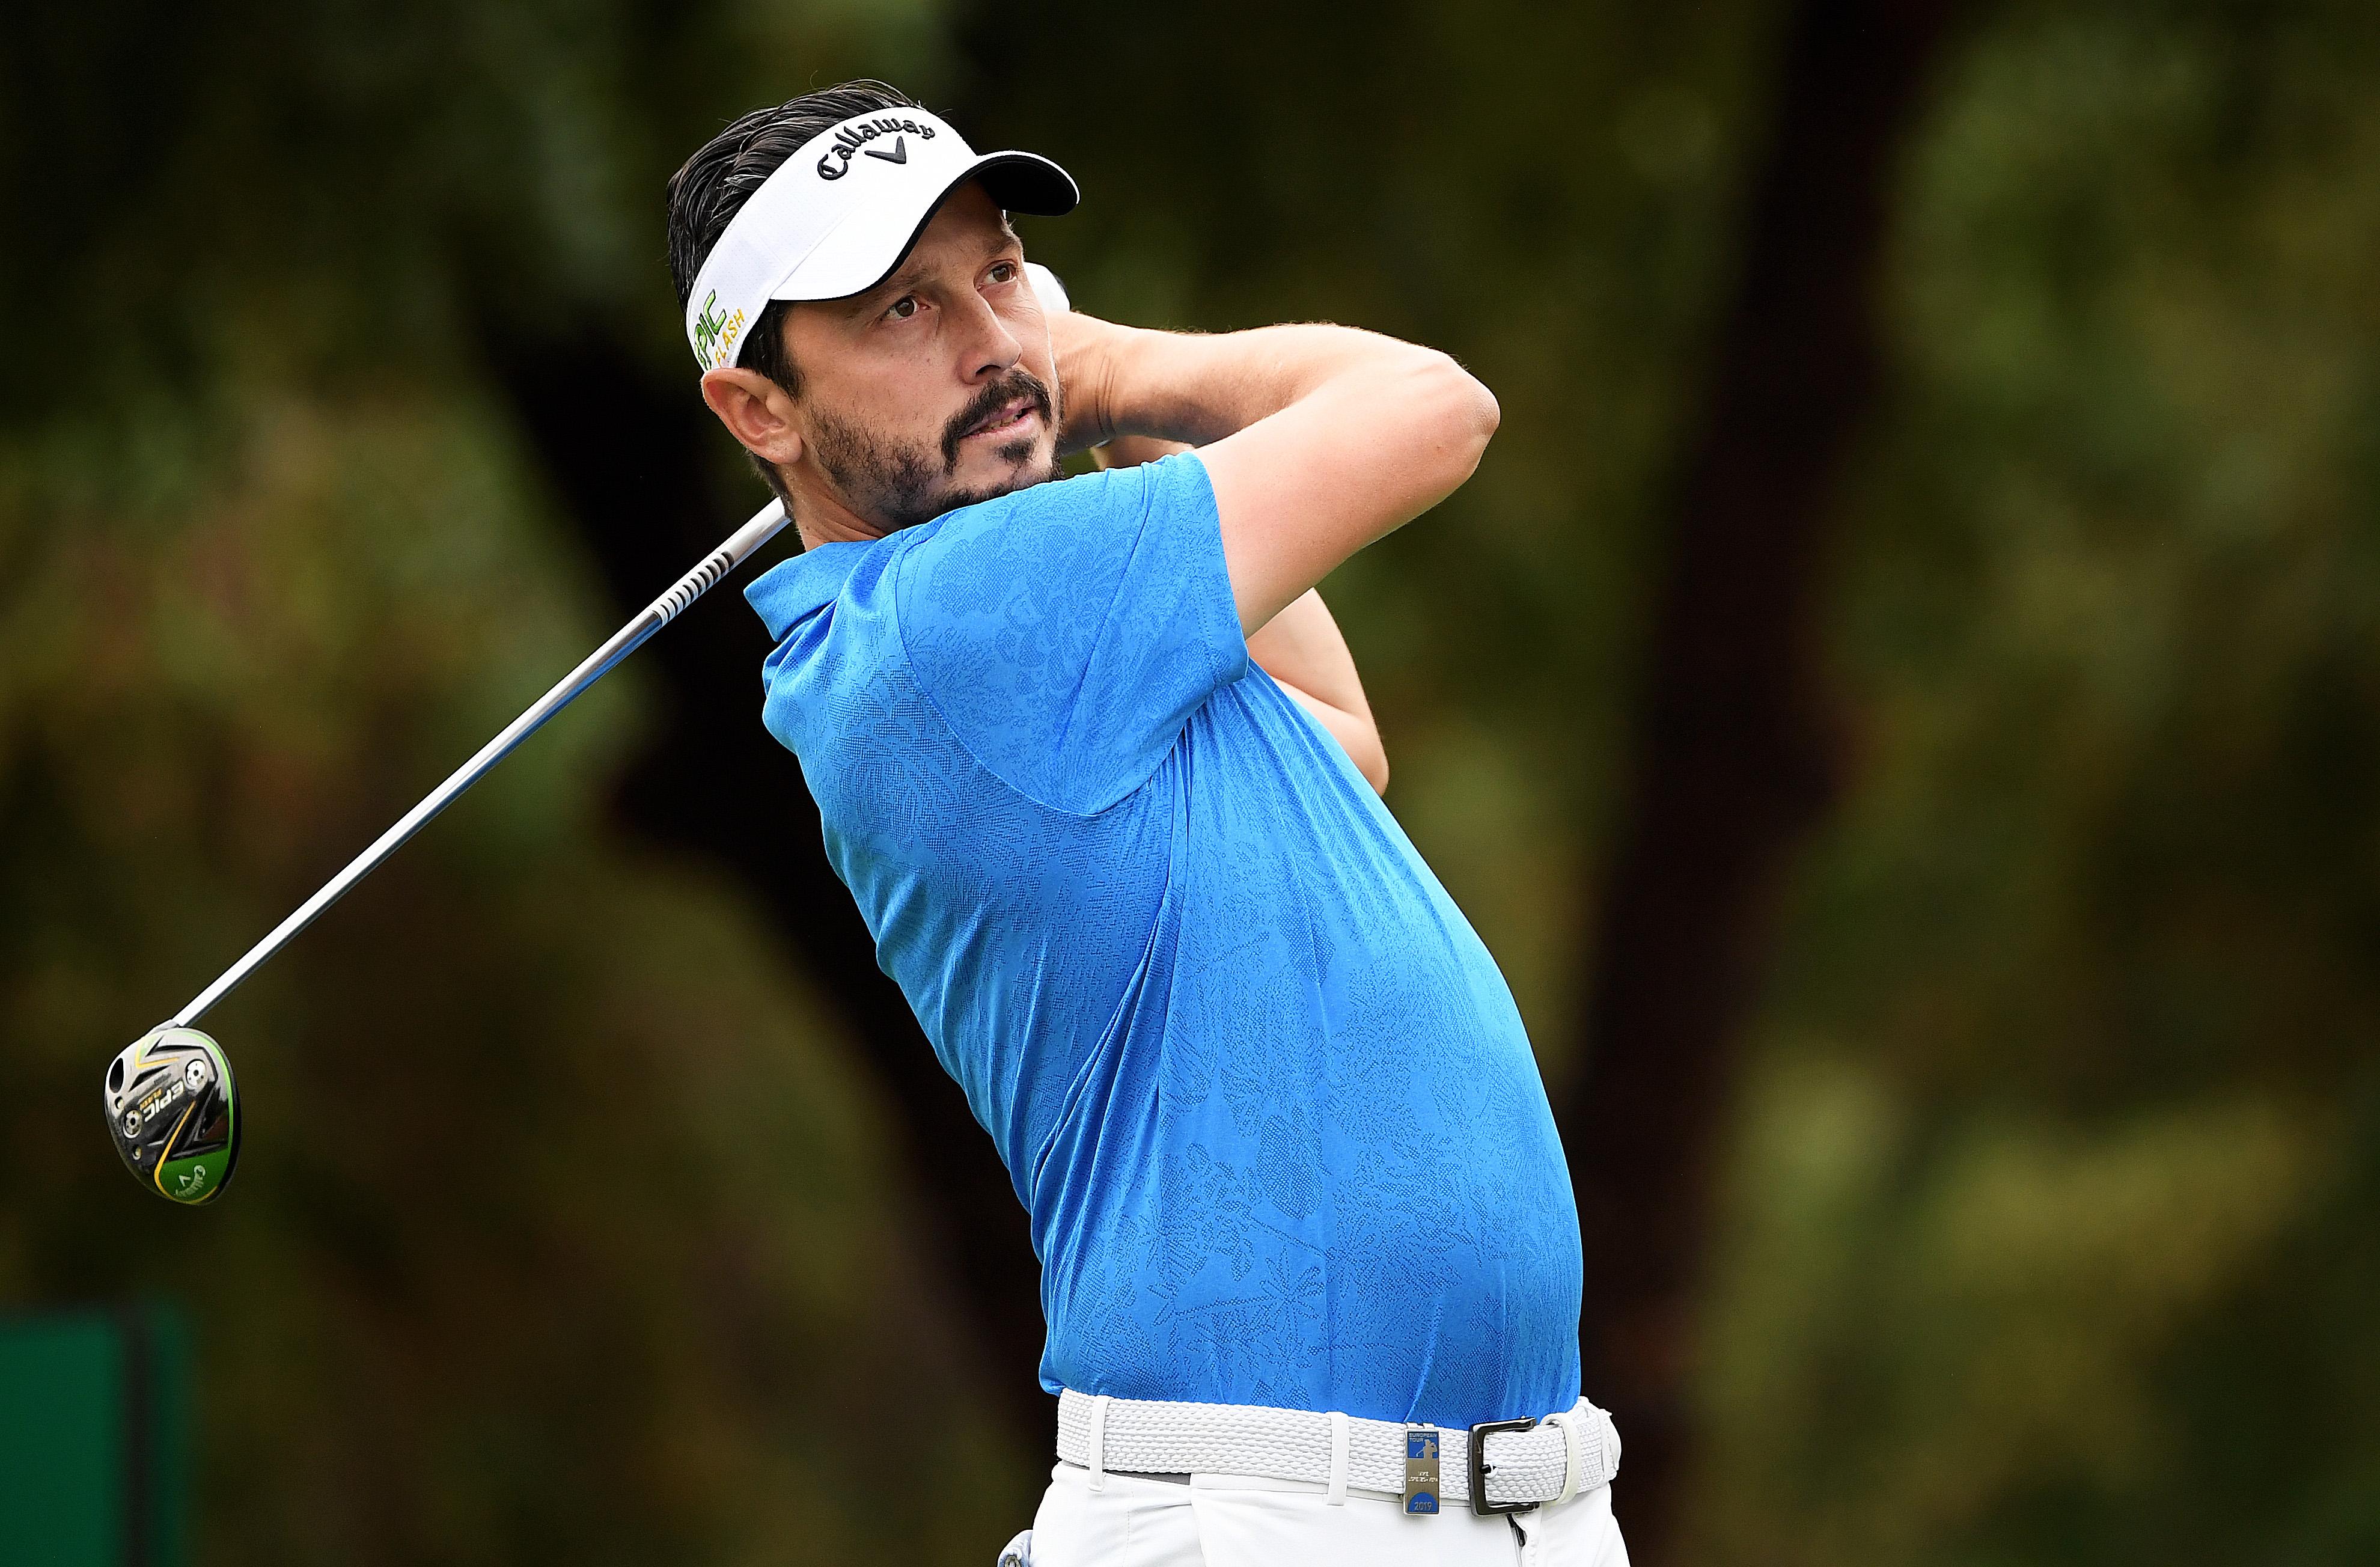 Michael Lorenzo-Vera led the 2019 DP World Tour Championship, Dubai